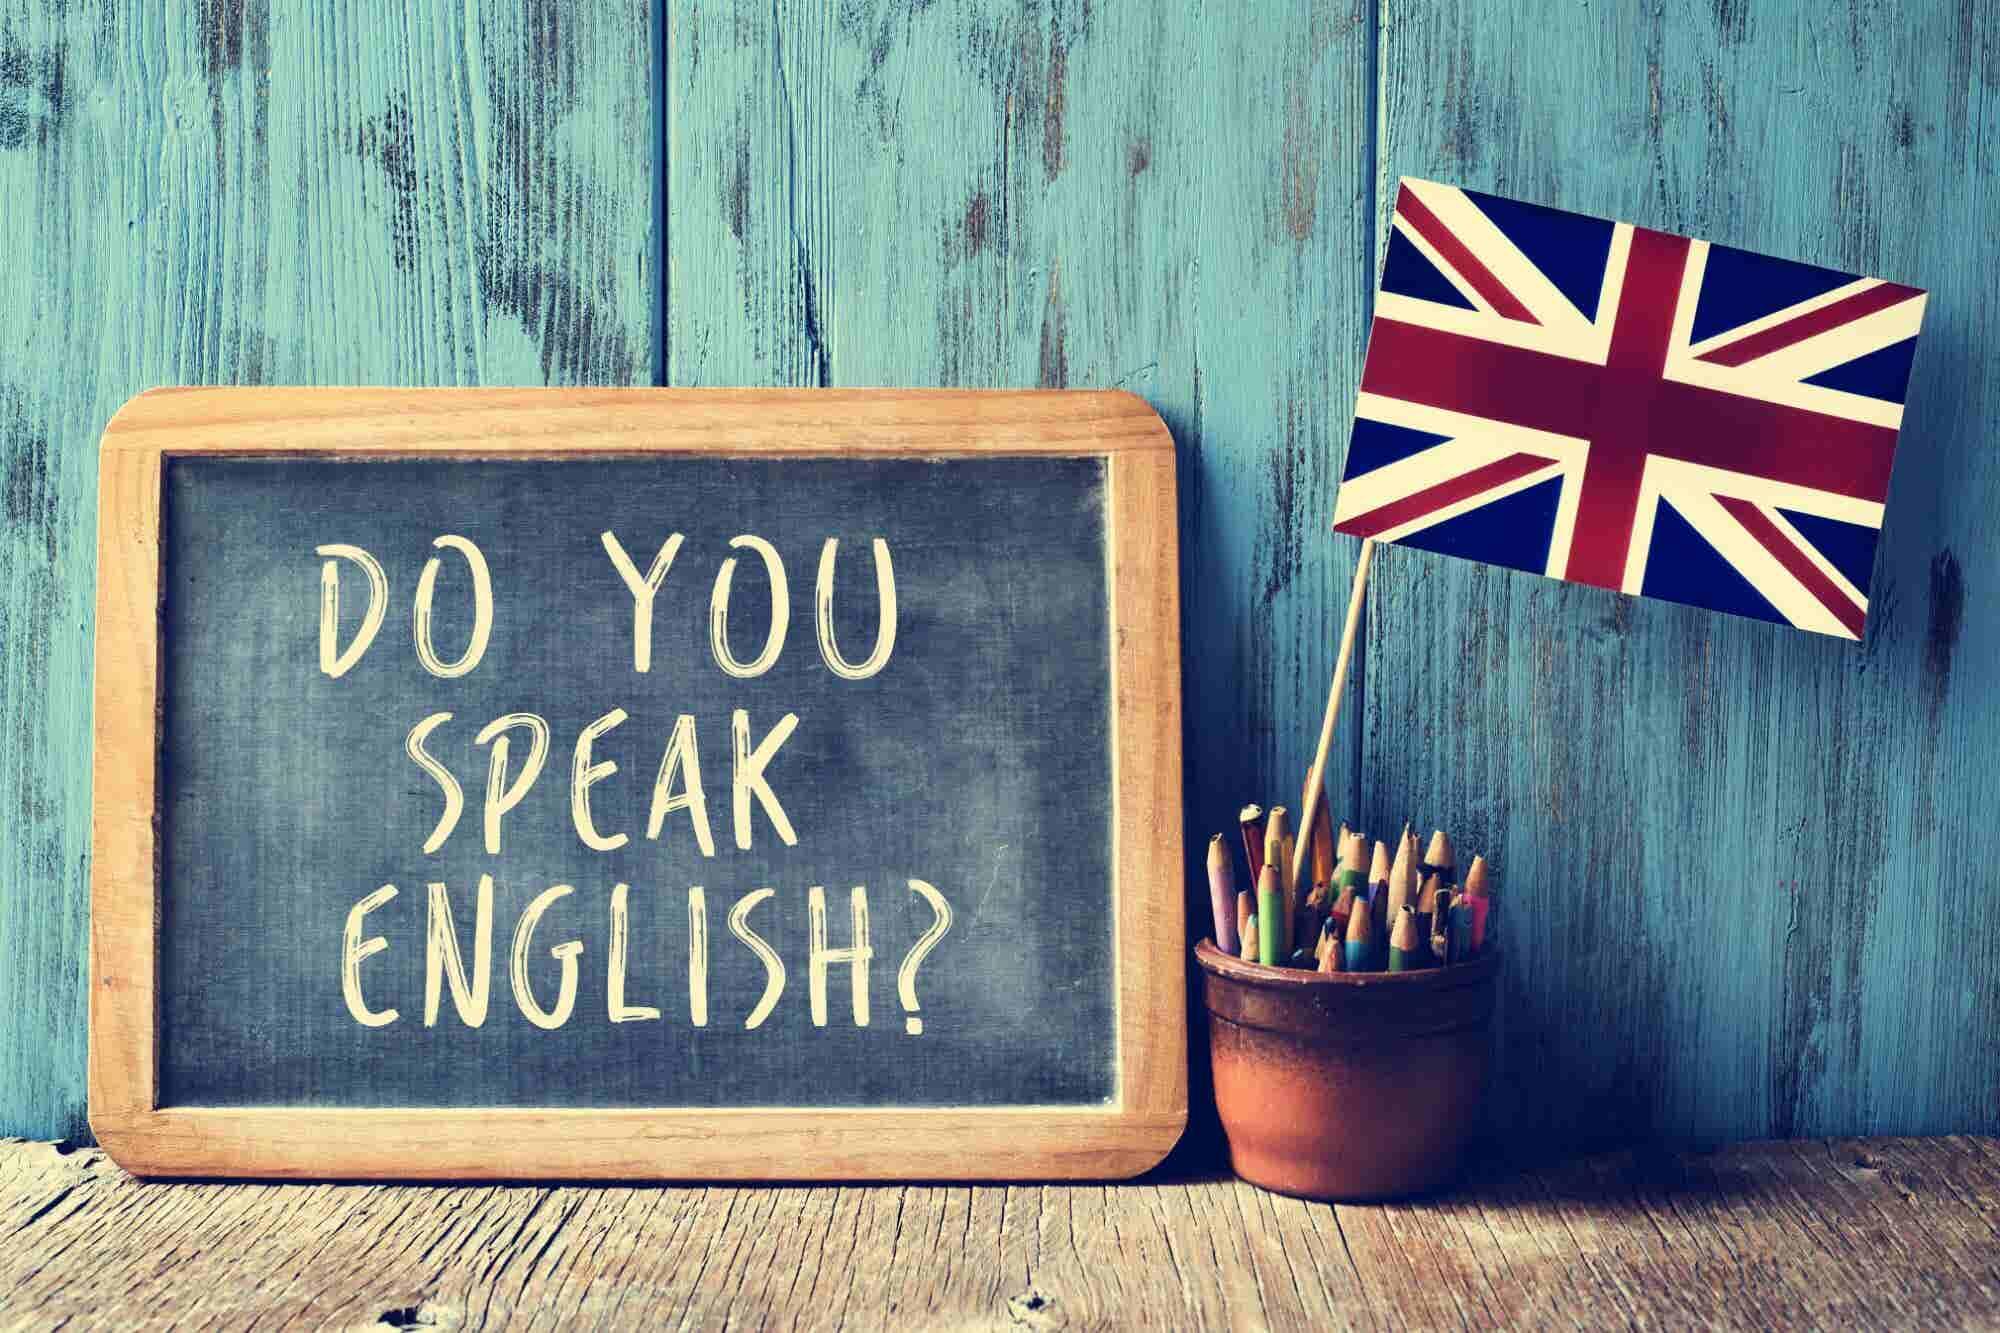 ¿Tendrás una entrevista de trabajo en inglés? ¡No entres en pánico con estos consejos!